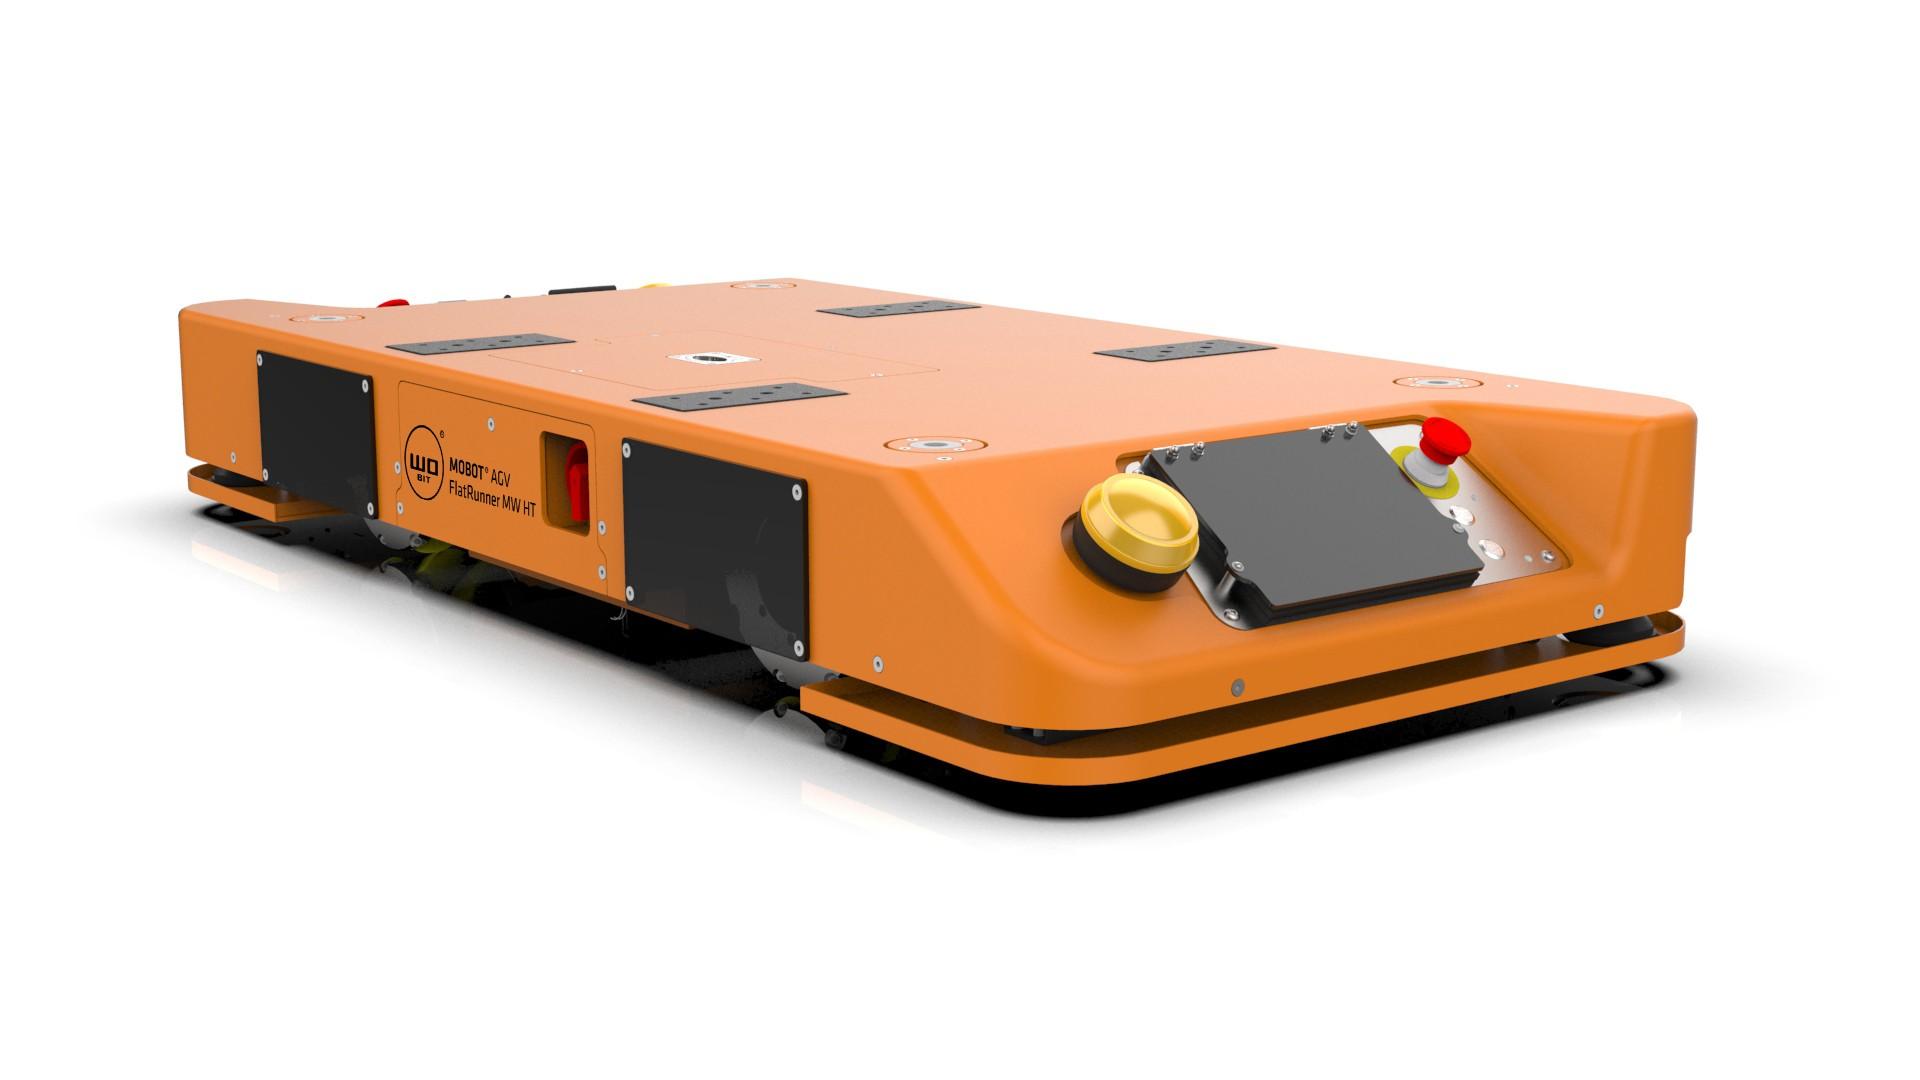 MOBOT® AGV FlatRunner MWHT mobile robot